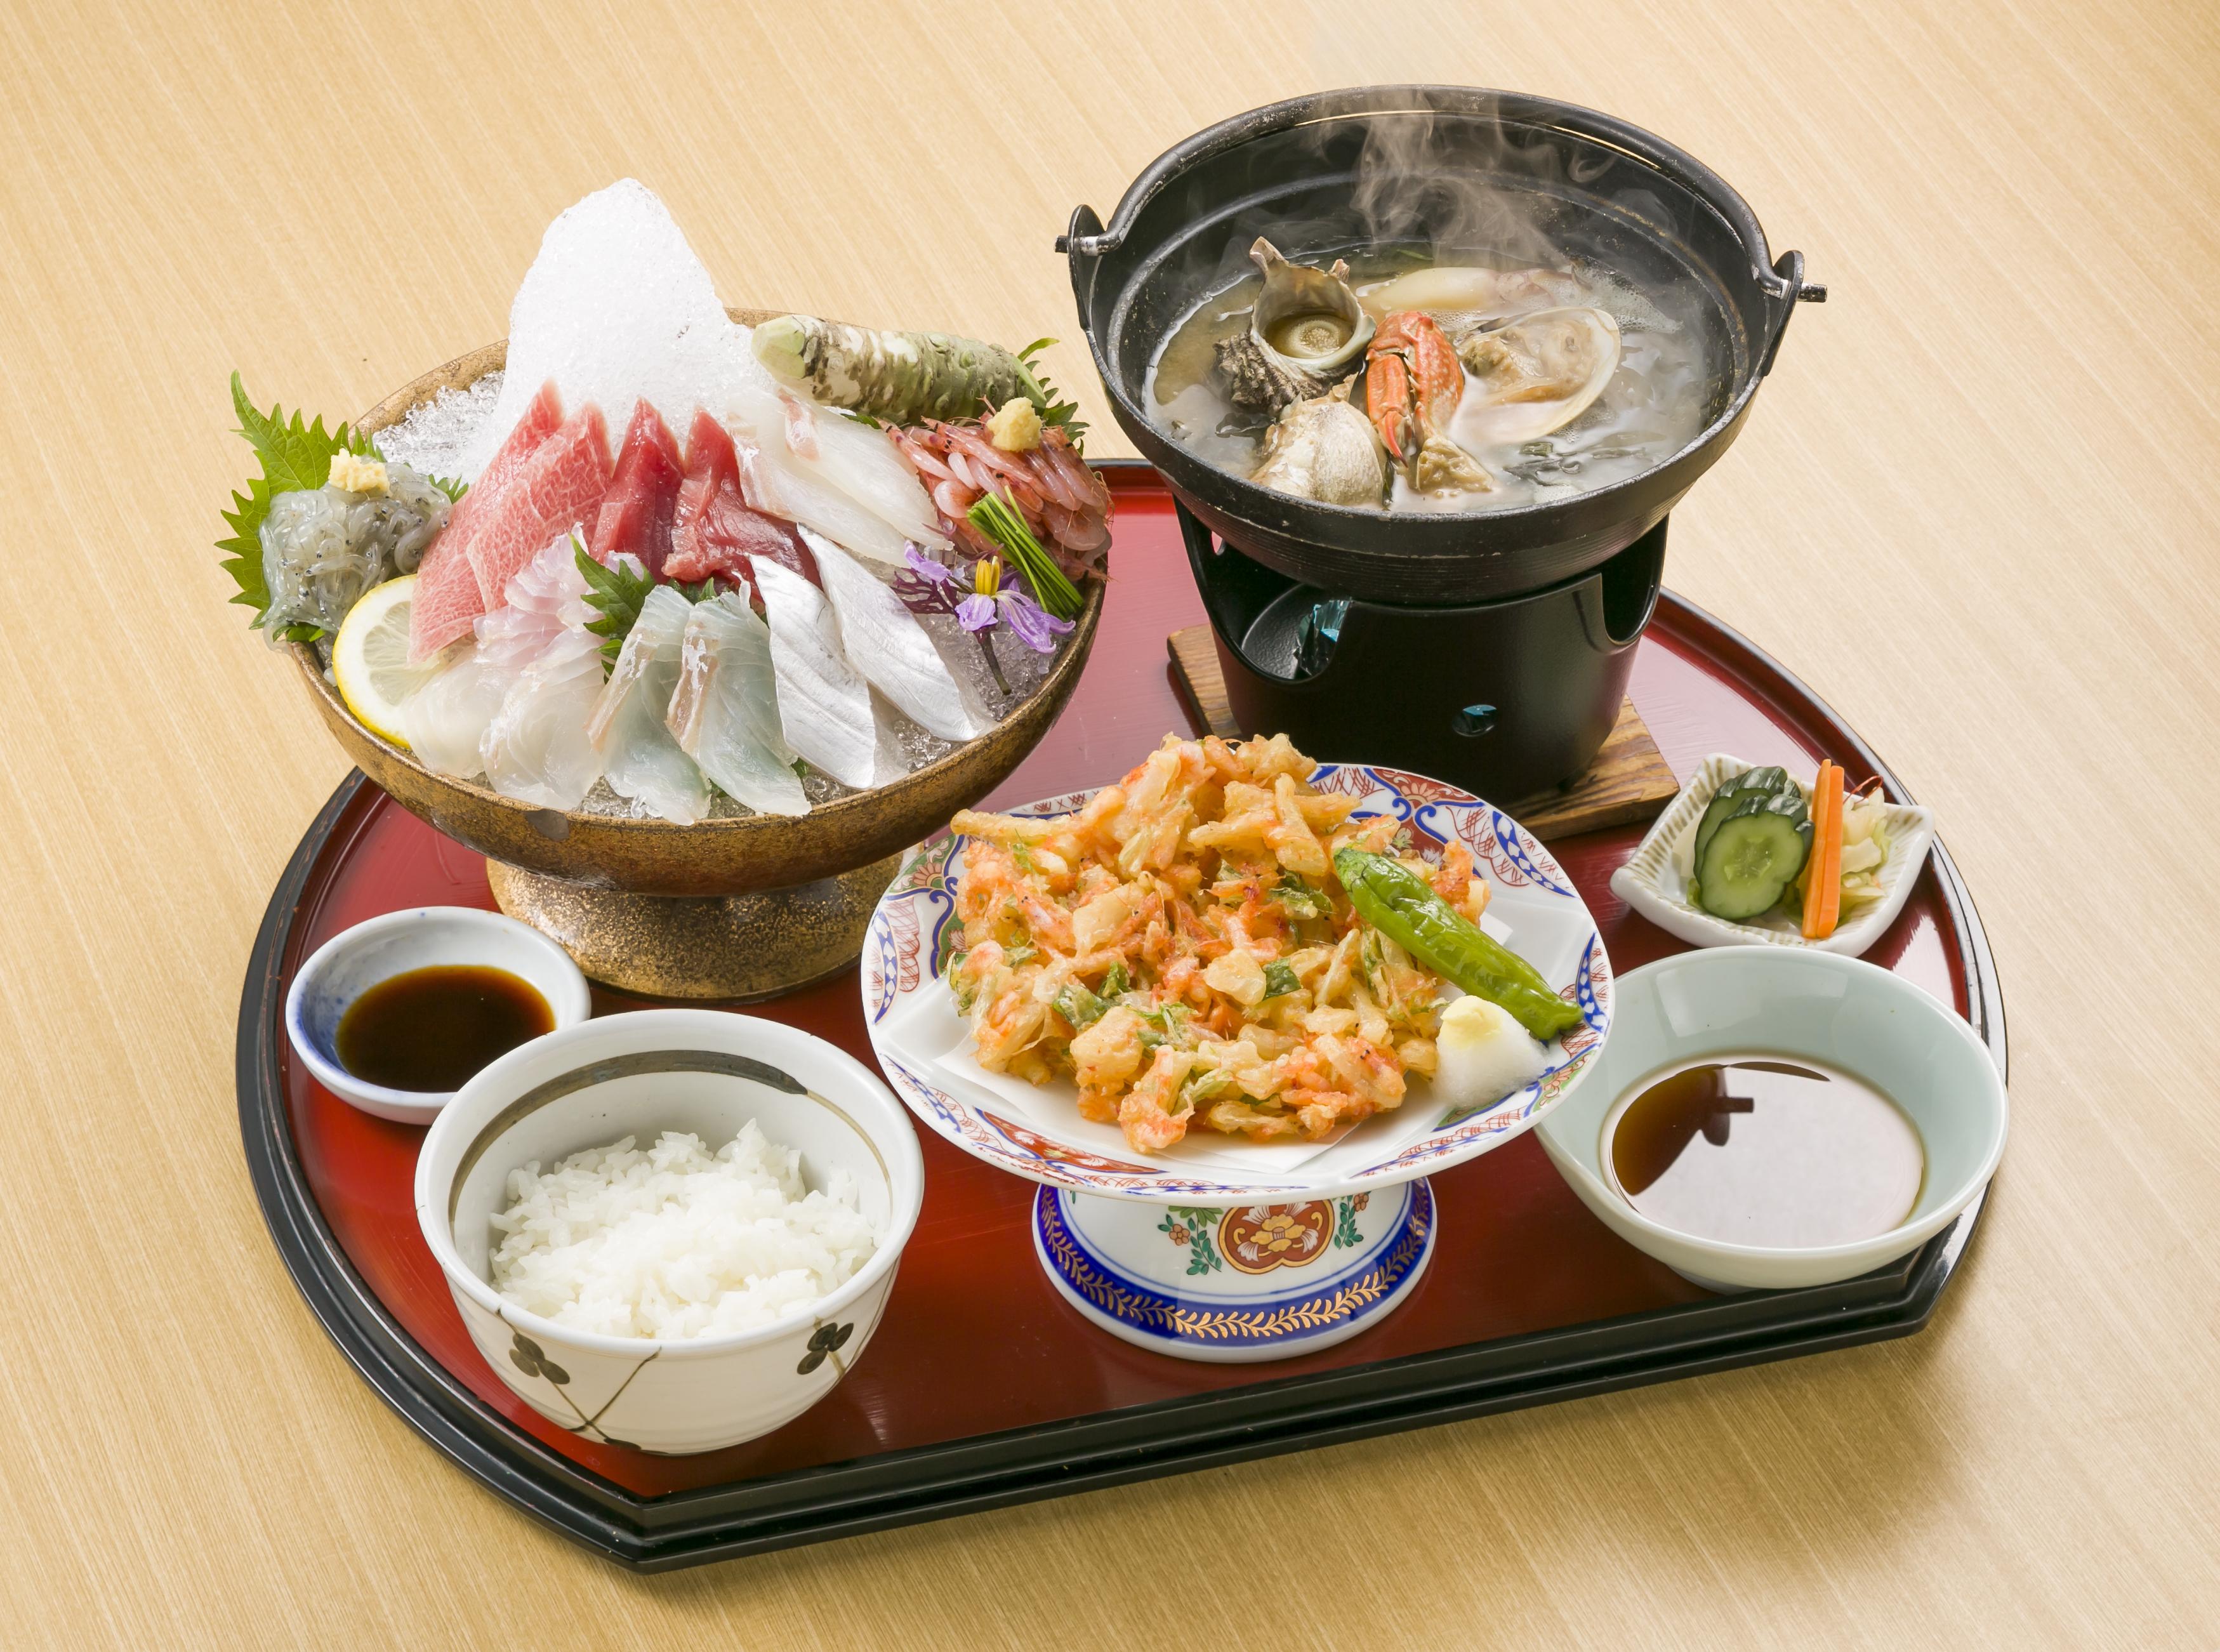 清水港水揚げの天然南鮪と由比直送のしずまえ鮮魚を富士山の形に盛り付けた味も見た目も楽しめる一品です。本山葵と特製土佐醤油でお好みの海鮮丼を作って召し上がっていただきます。